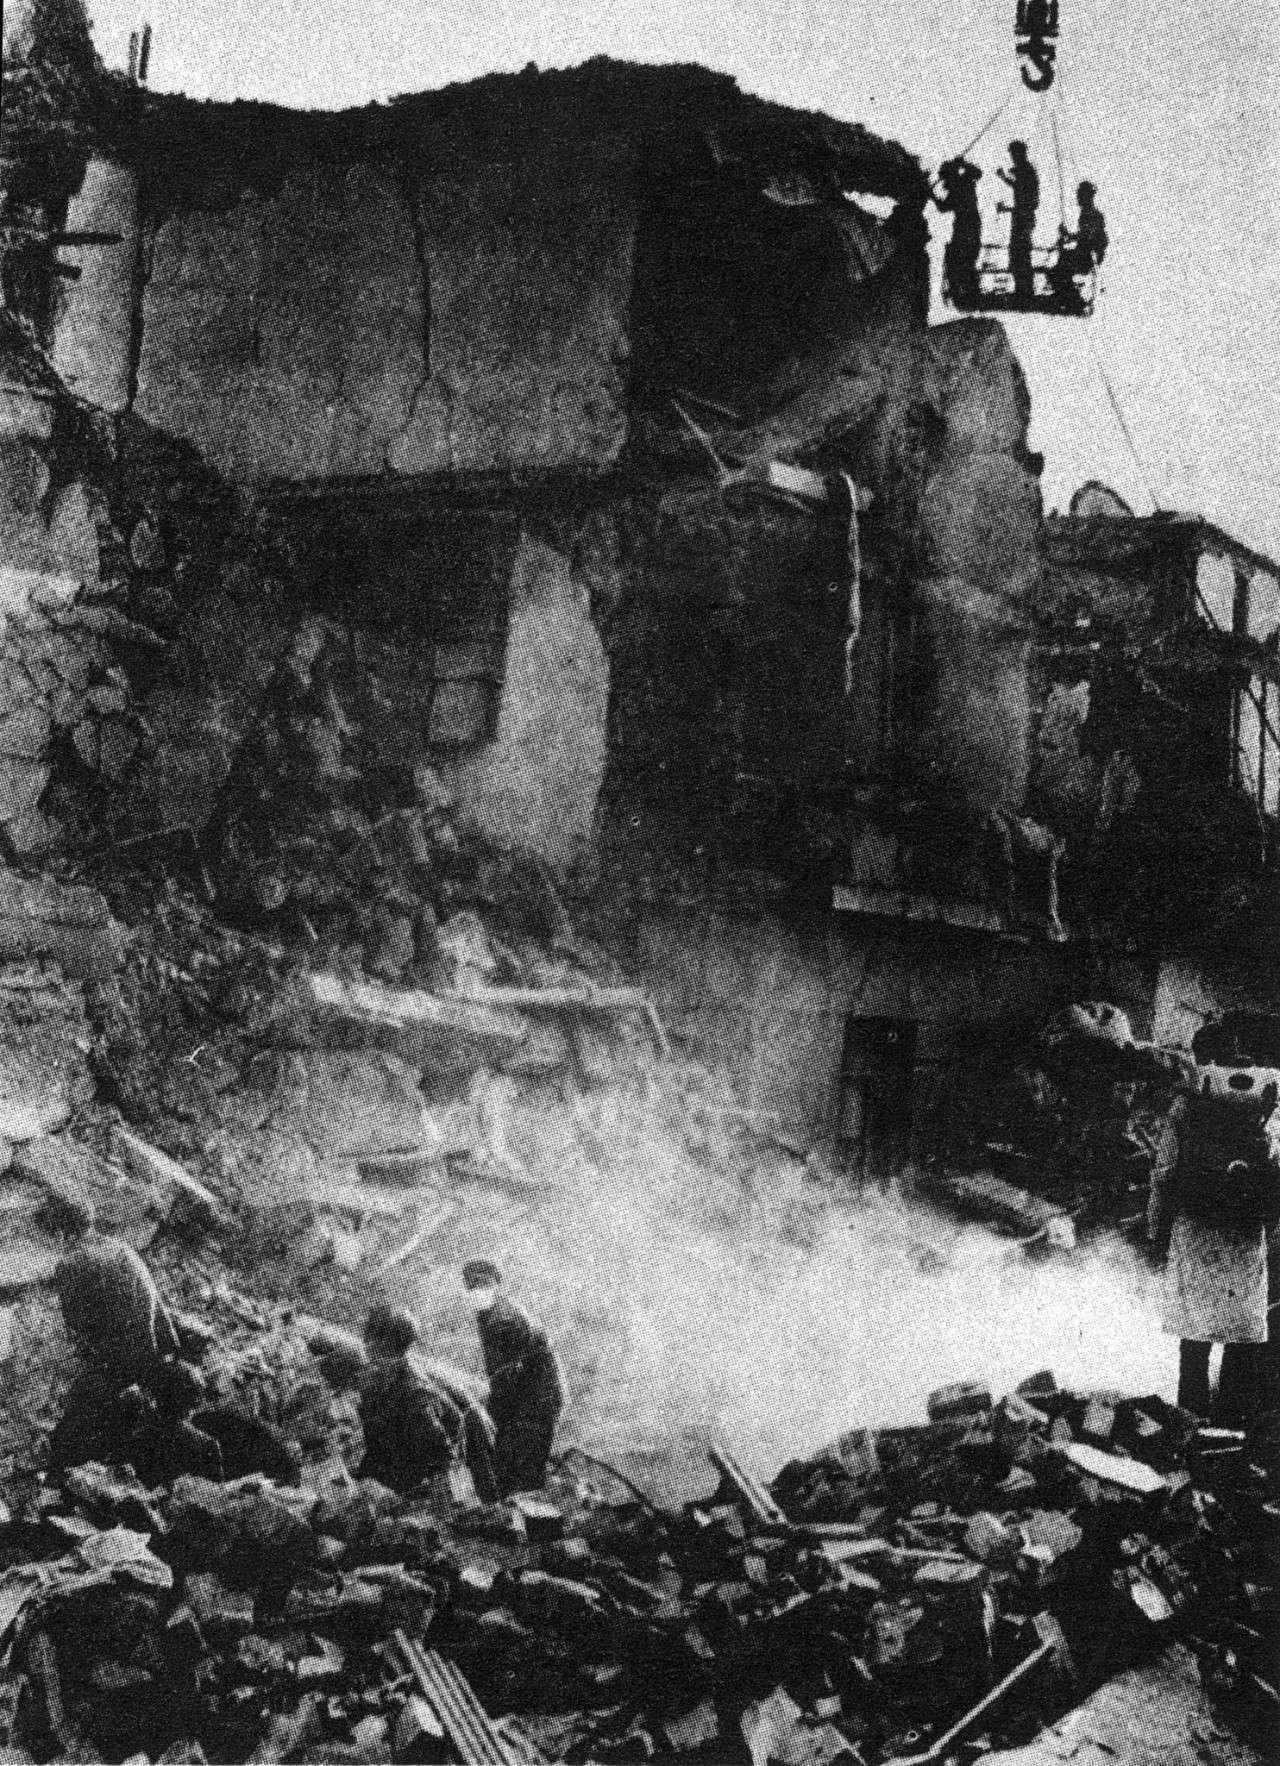 唐山地震多少年了_唐山大地震40年了还是难忘子弟兵